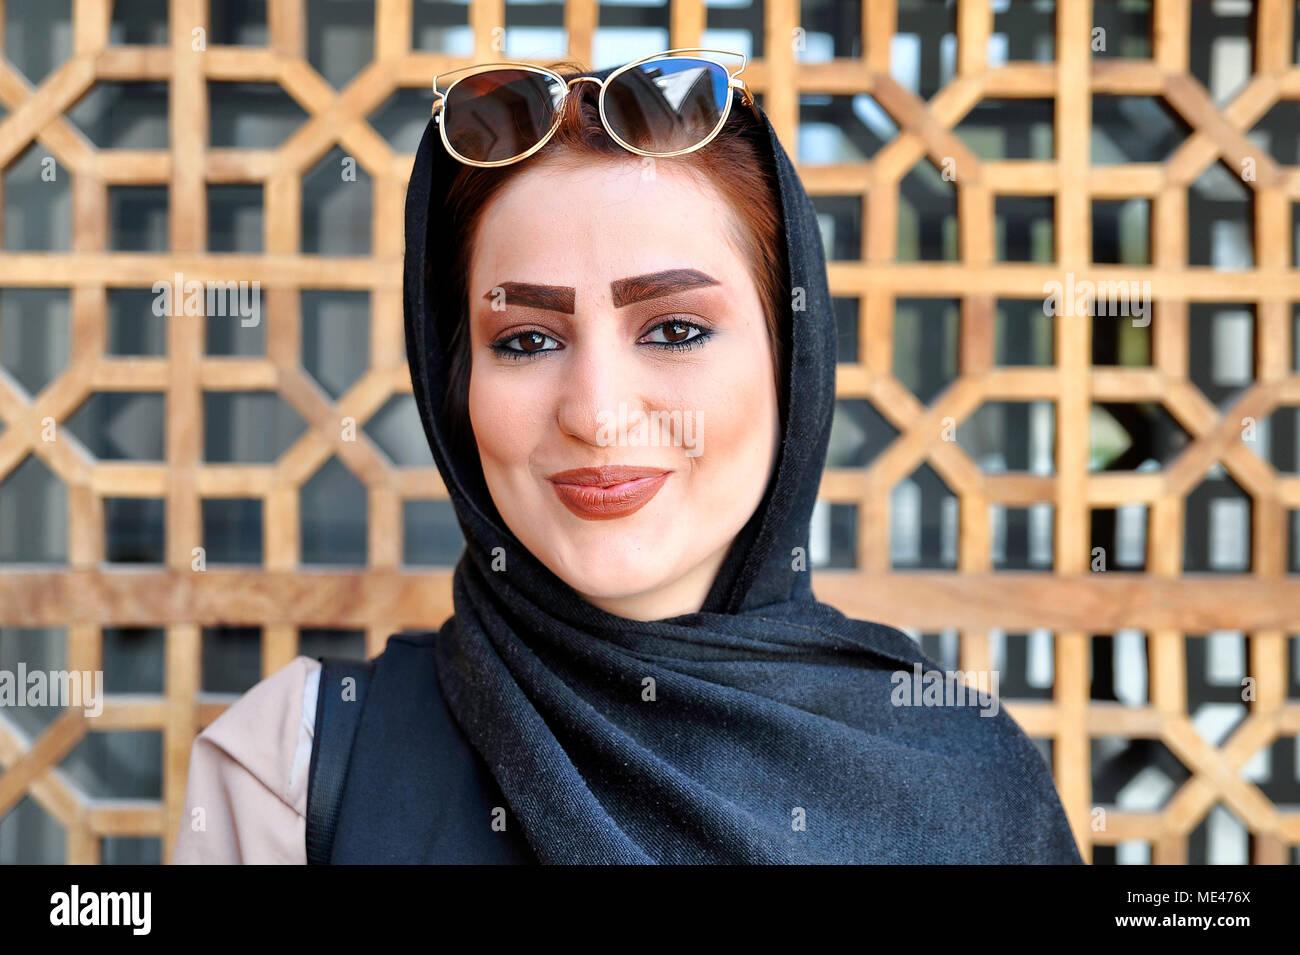 the lady next door in iran